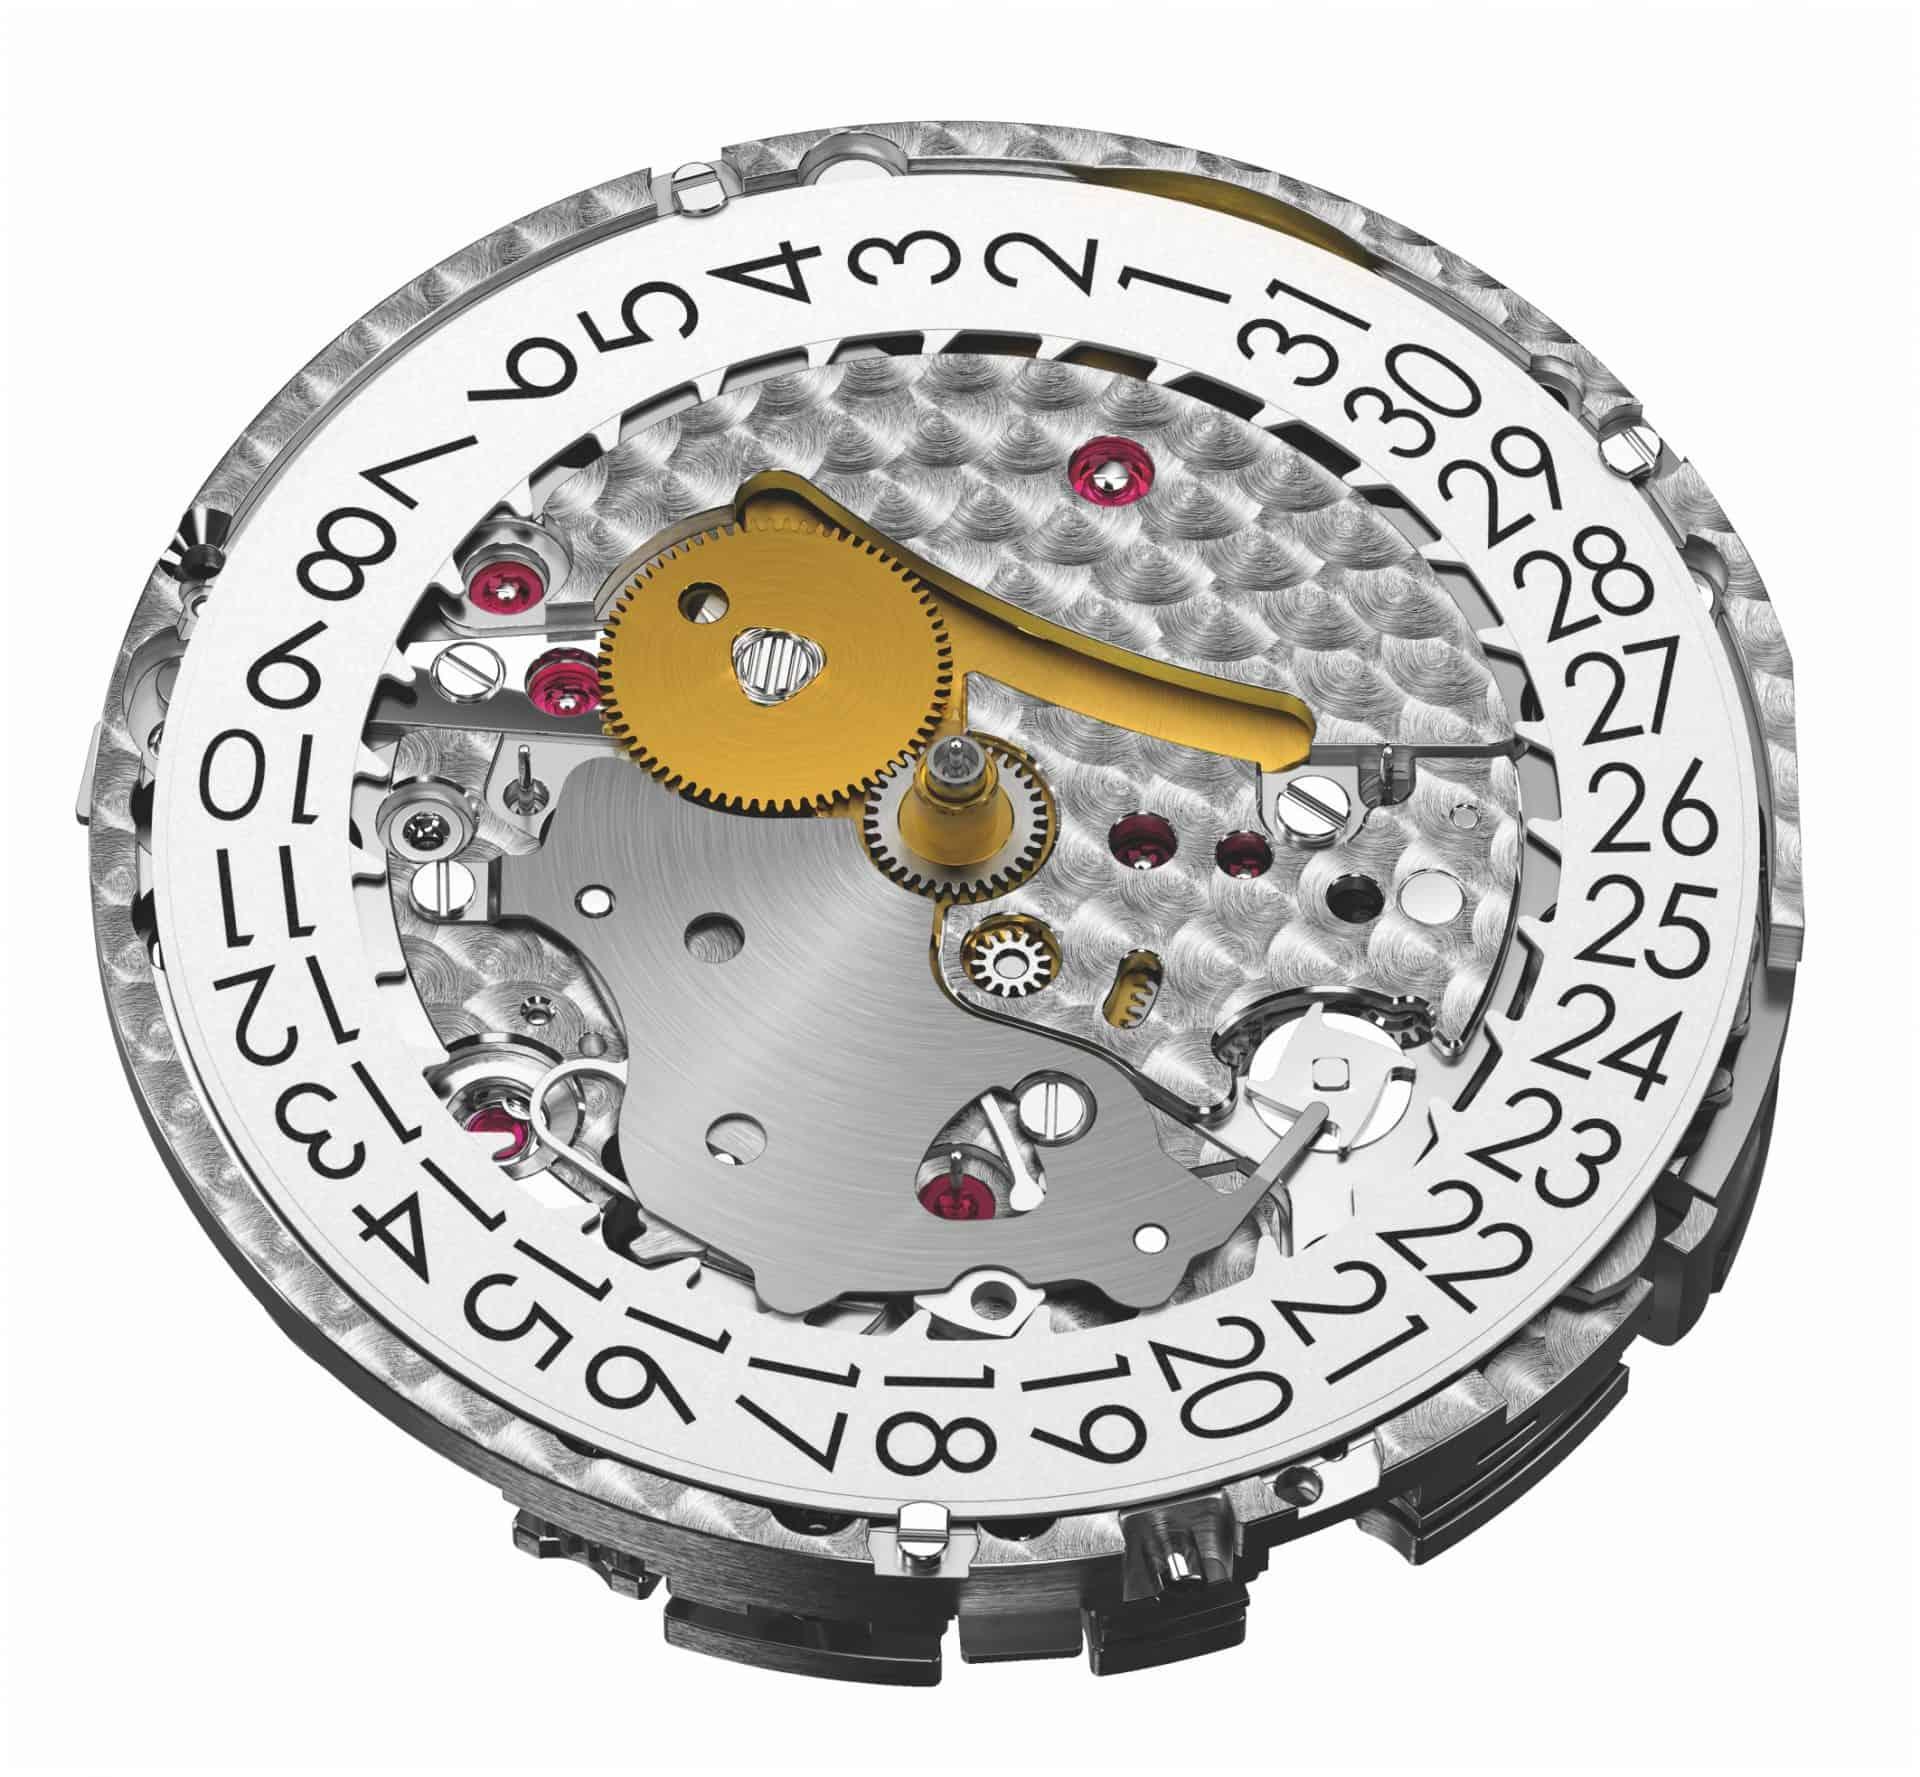 Das Audemars Piguet Automatikkaliber 4401 bei Ansicht unter dem Zifferblatt . Unübersehbar ist der Datumsring